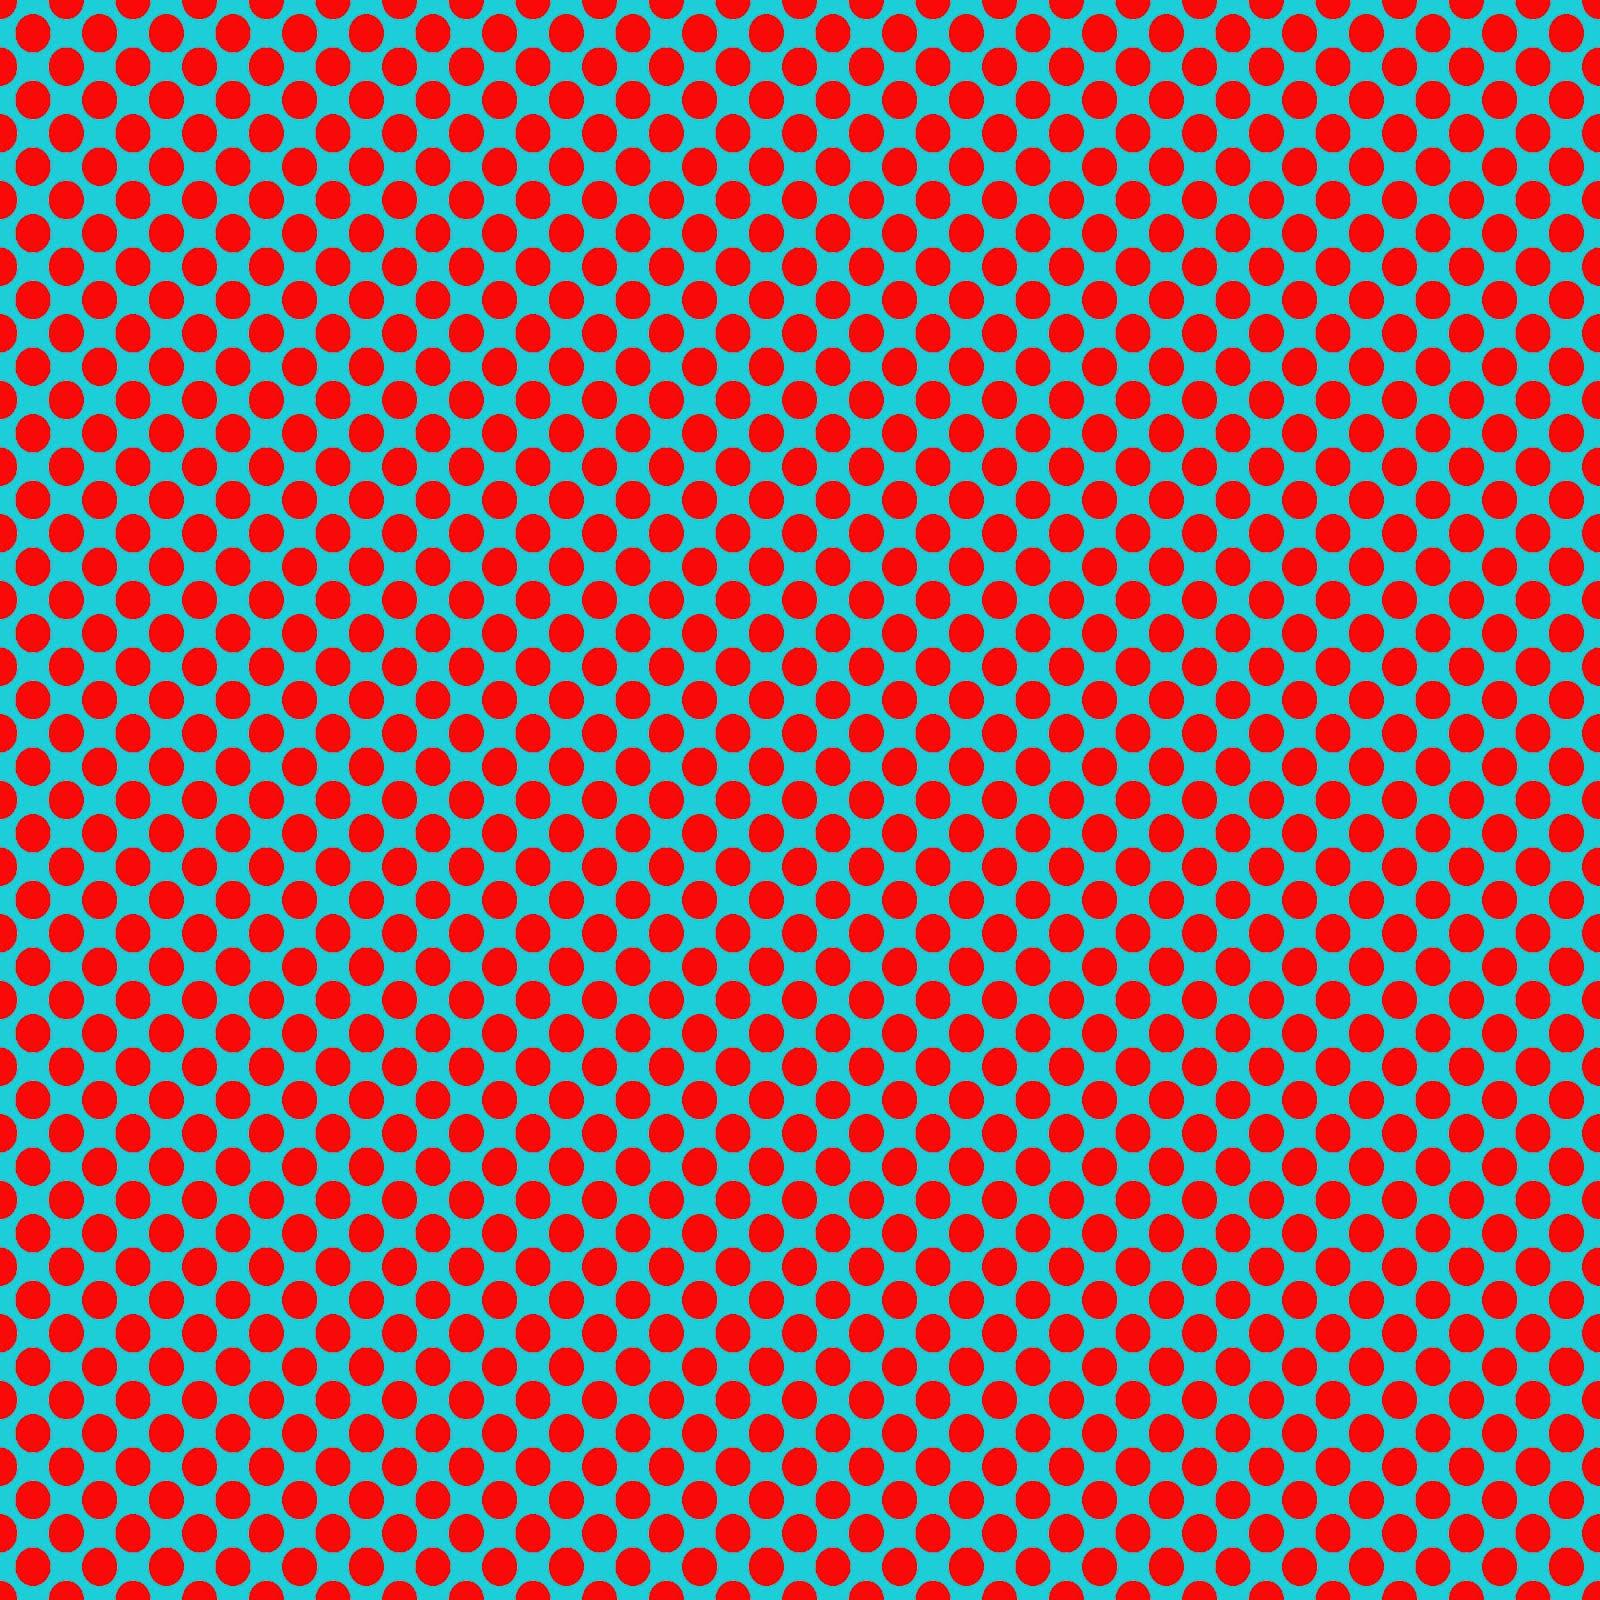 Bonjourvintage Free Digital Scrapbook Paper Red And Blue Stripes